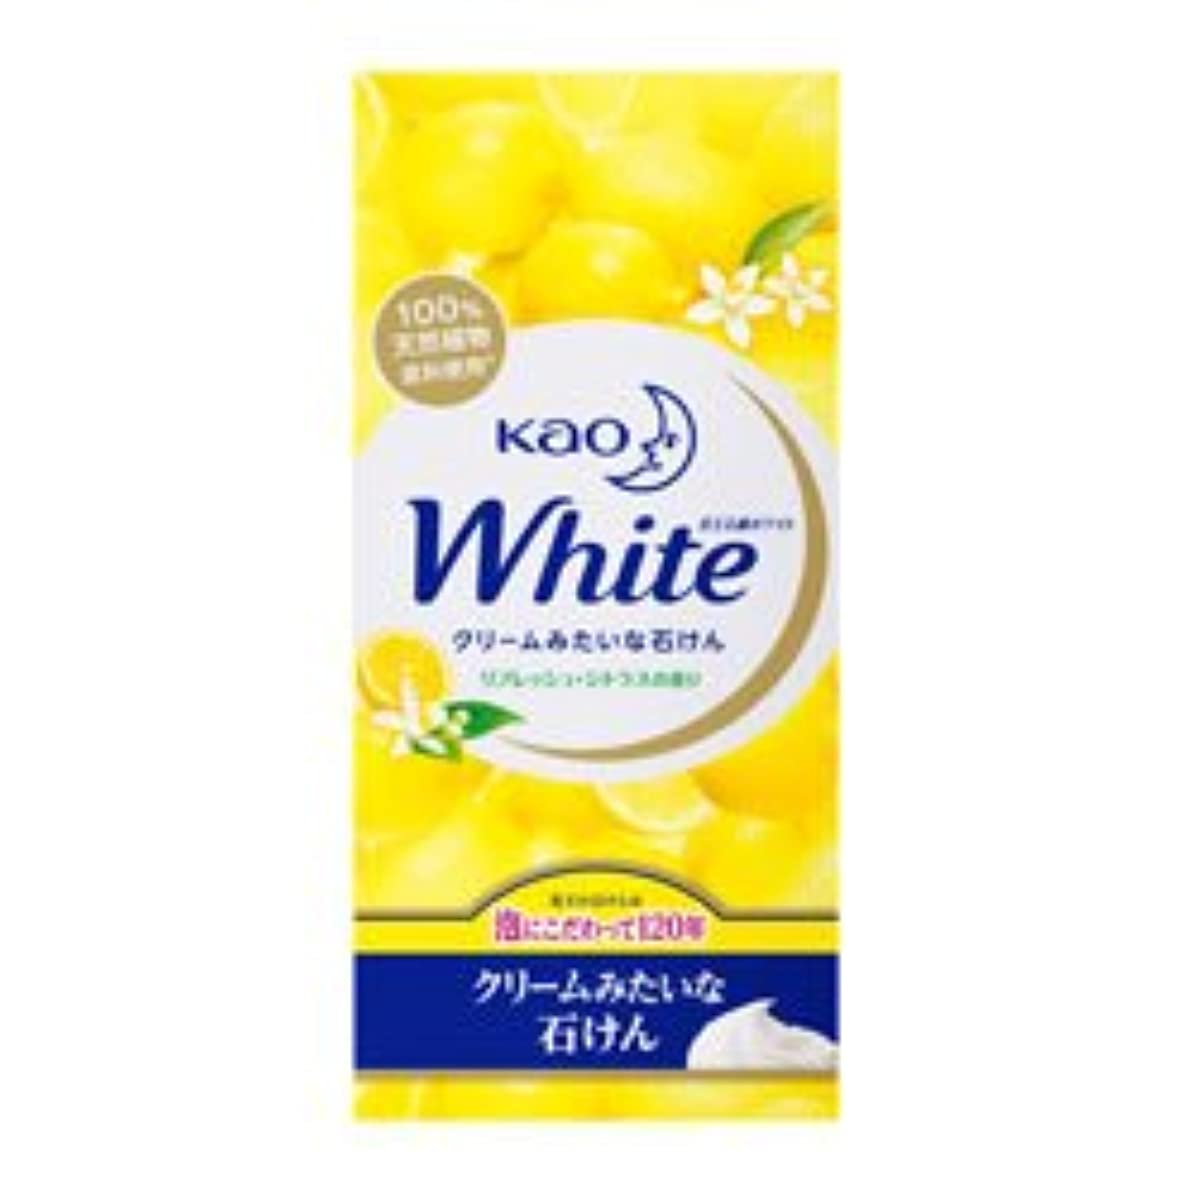 乳ディスパッチ政治的【花王】ホワイト リフレッシュ?シトラスの香り レギュラーサイズ 85g×6個入 ×20個セット